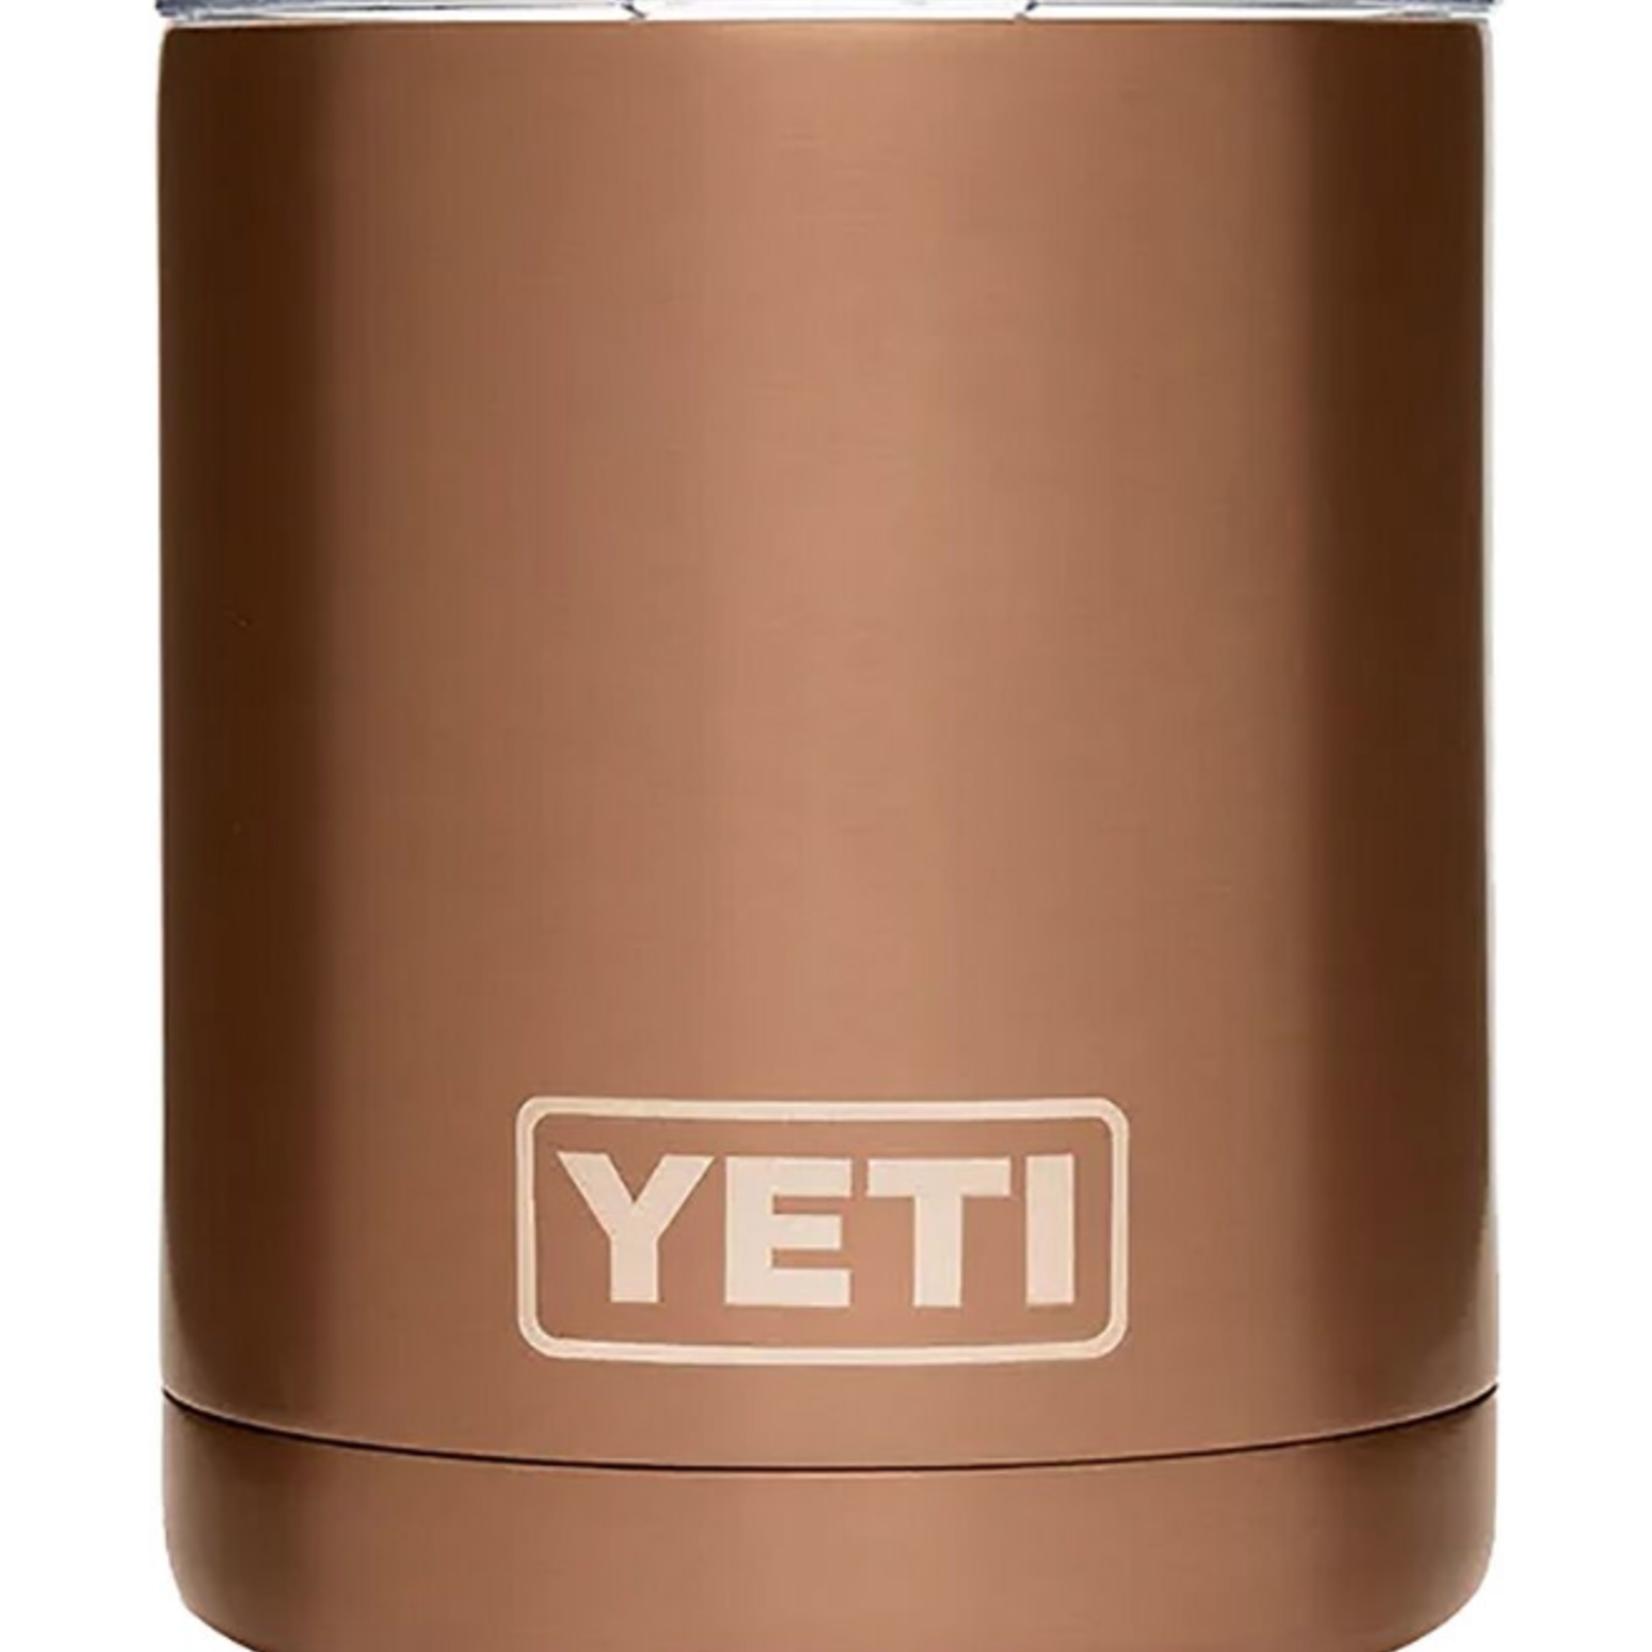 Yeti Yeti Rambler 10 oz Lowball - P-135113